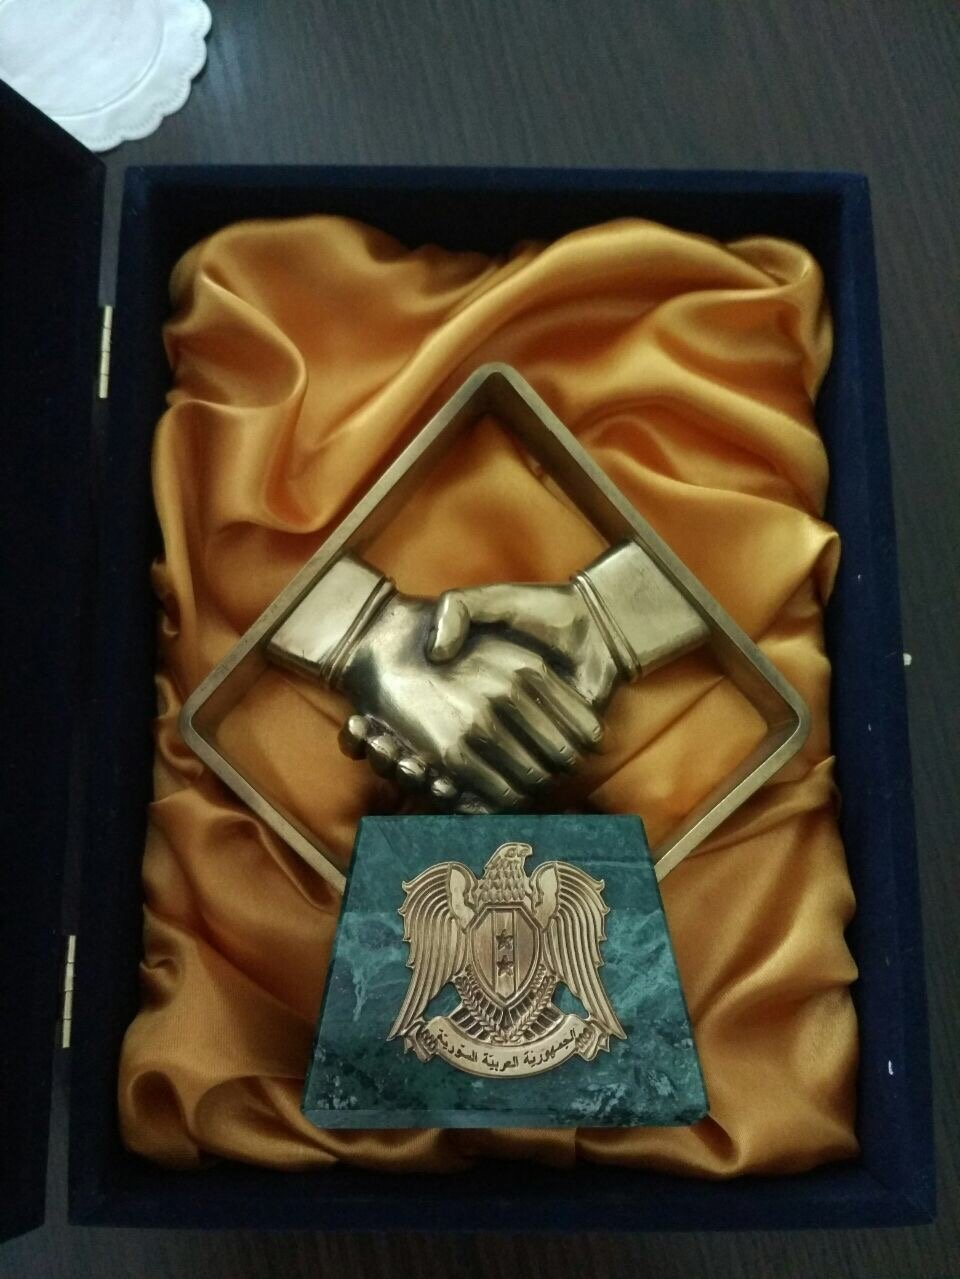 رمز تذكاري لمشاركي مؤتمر الحوار الوطني السوري في سوتشي